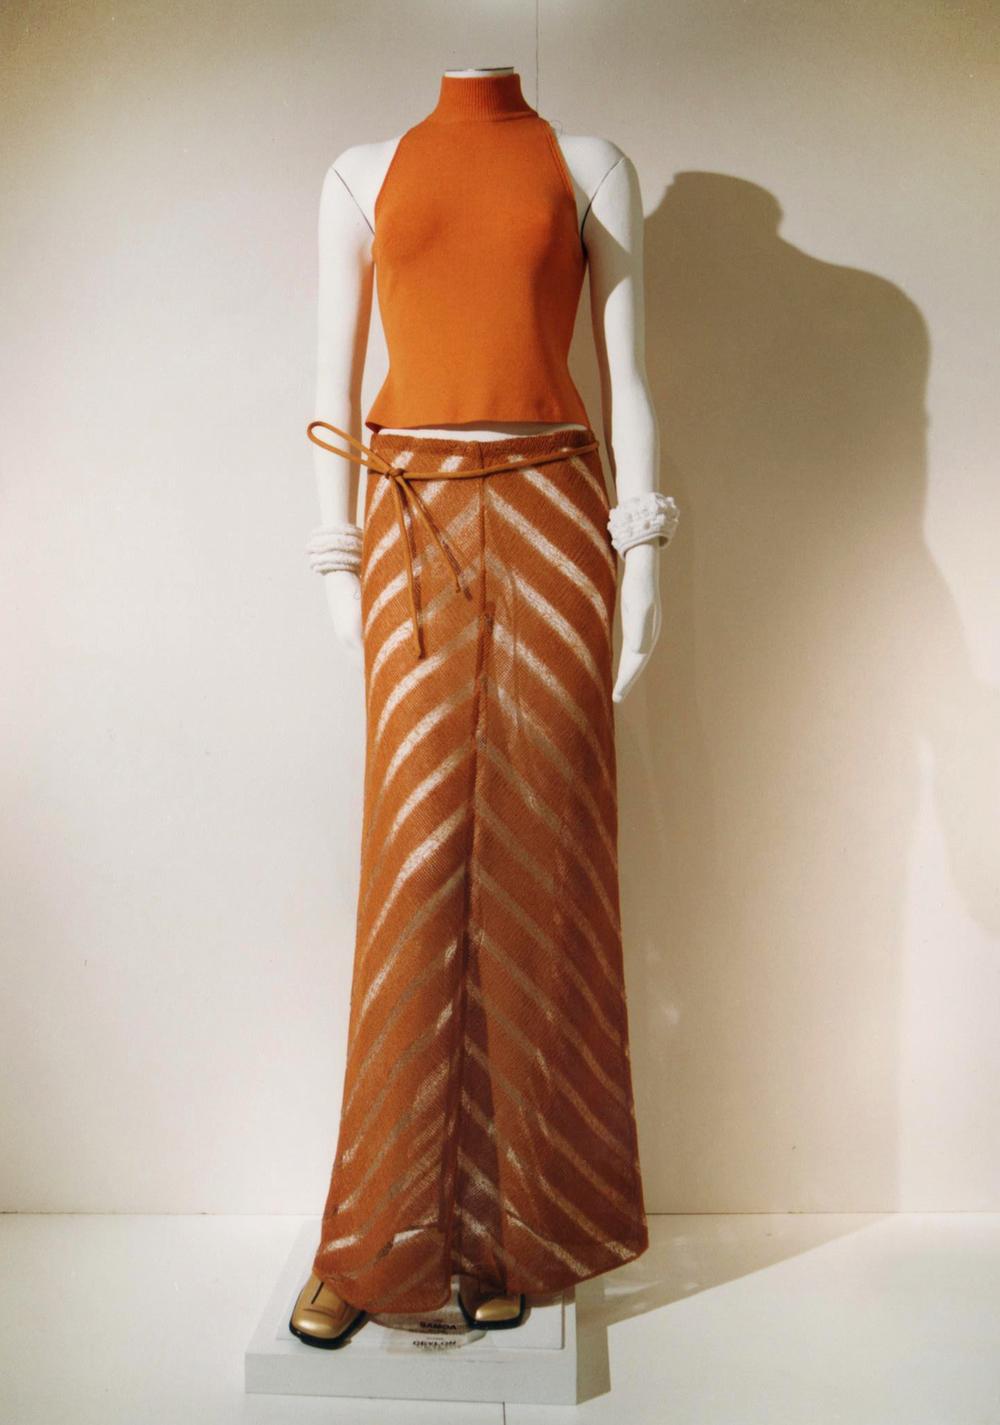 GiulianoeGiusyMarelli_ItalianSummer_2001_MadeInItaly_Knitwear_Design_3.jpg